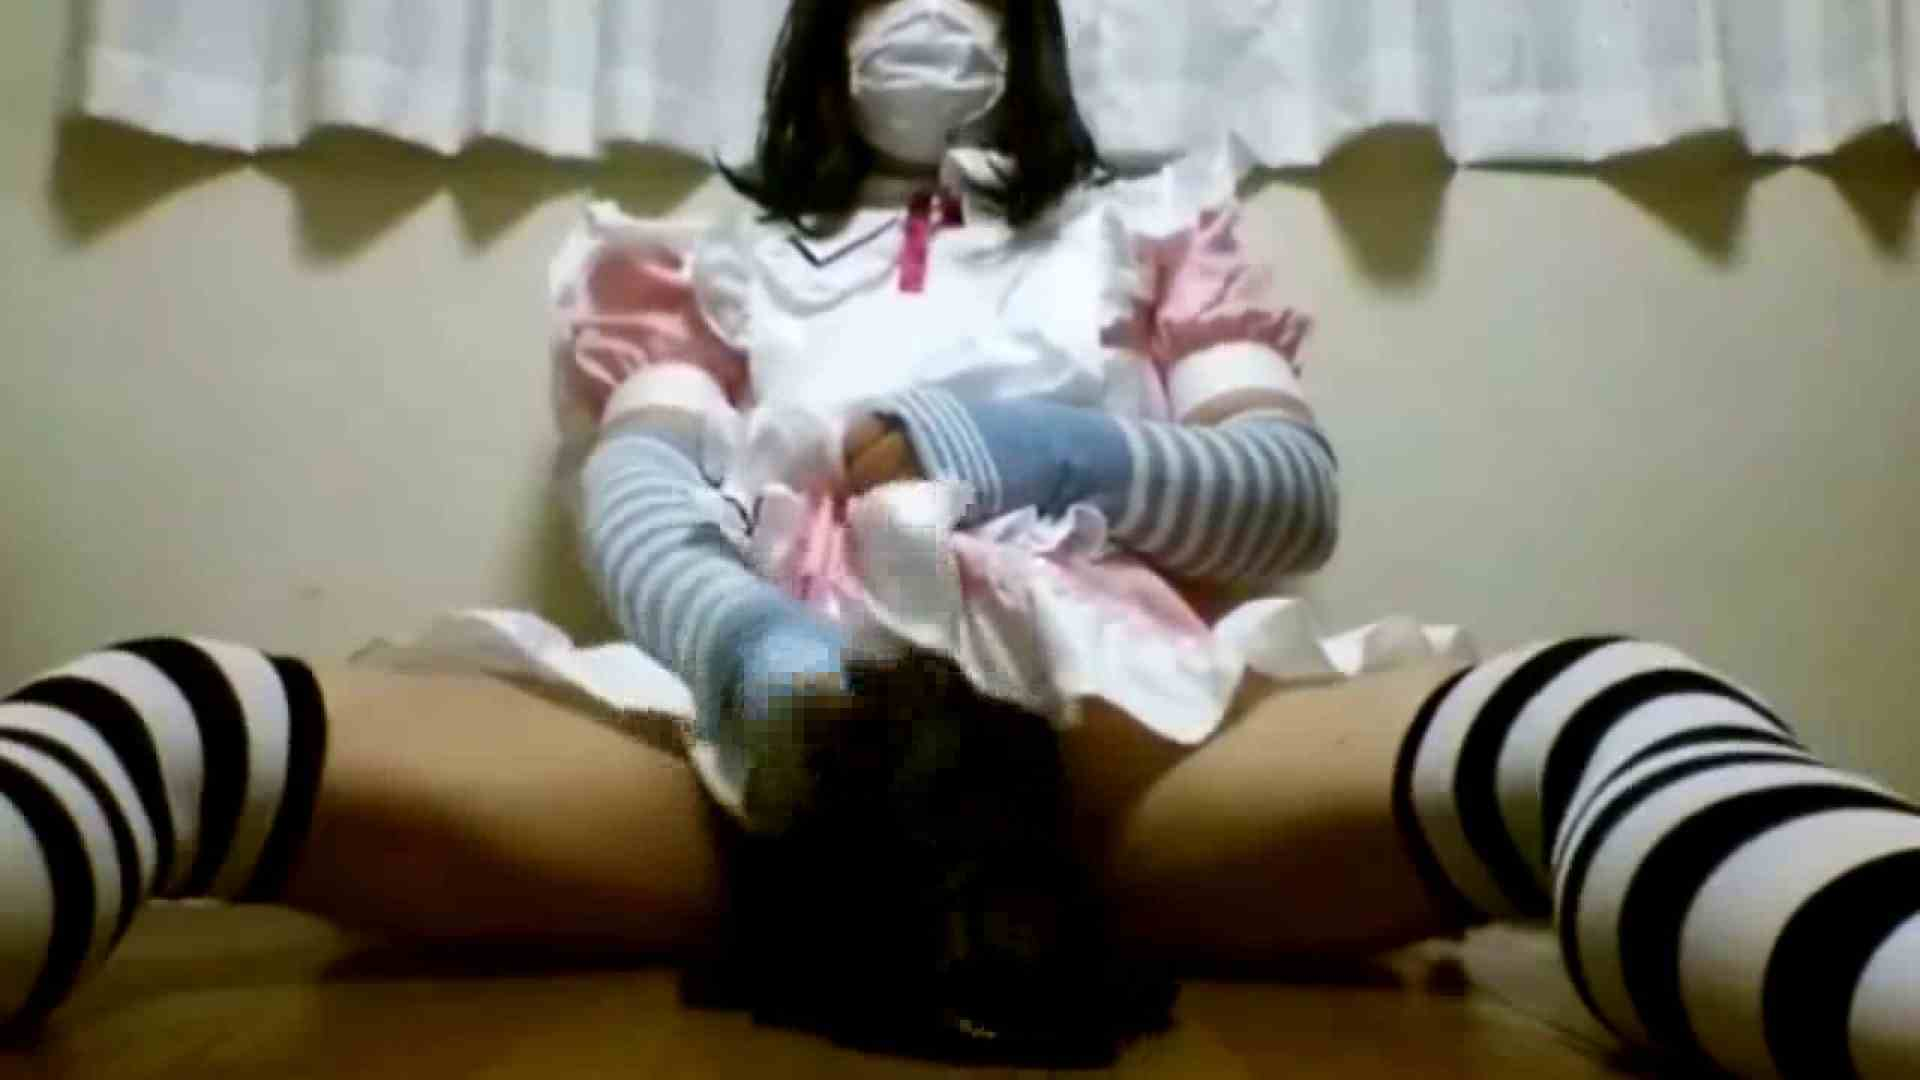 男のKOスプレー!Vol.10 無修正 ゲイアダルト画像 73pic 62